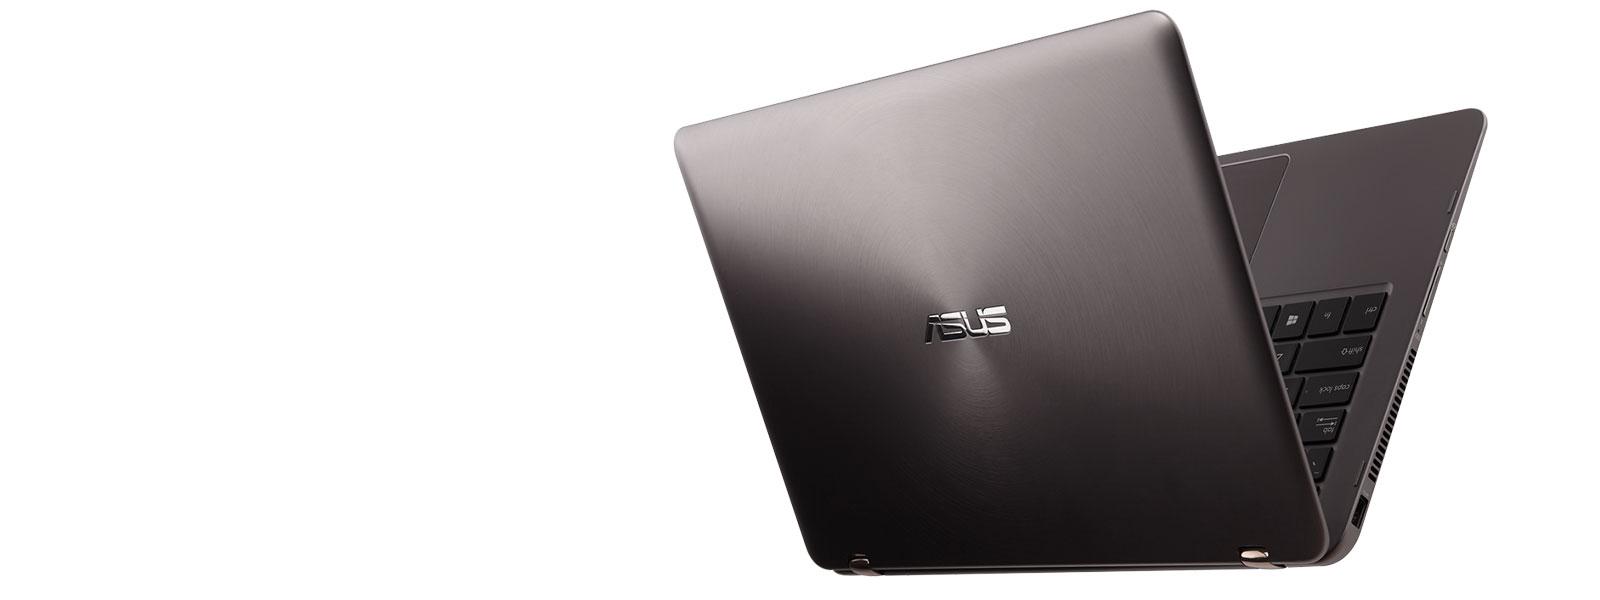 The ASUS Zenbook Flip UX360UA